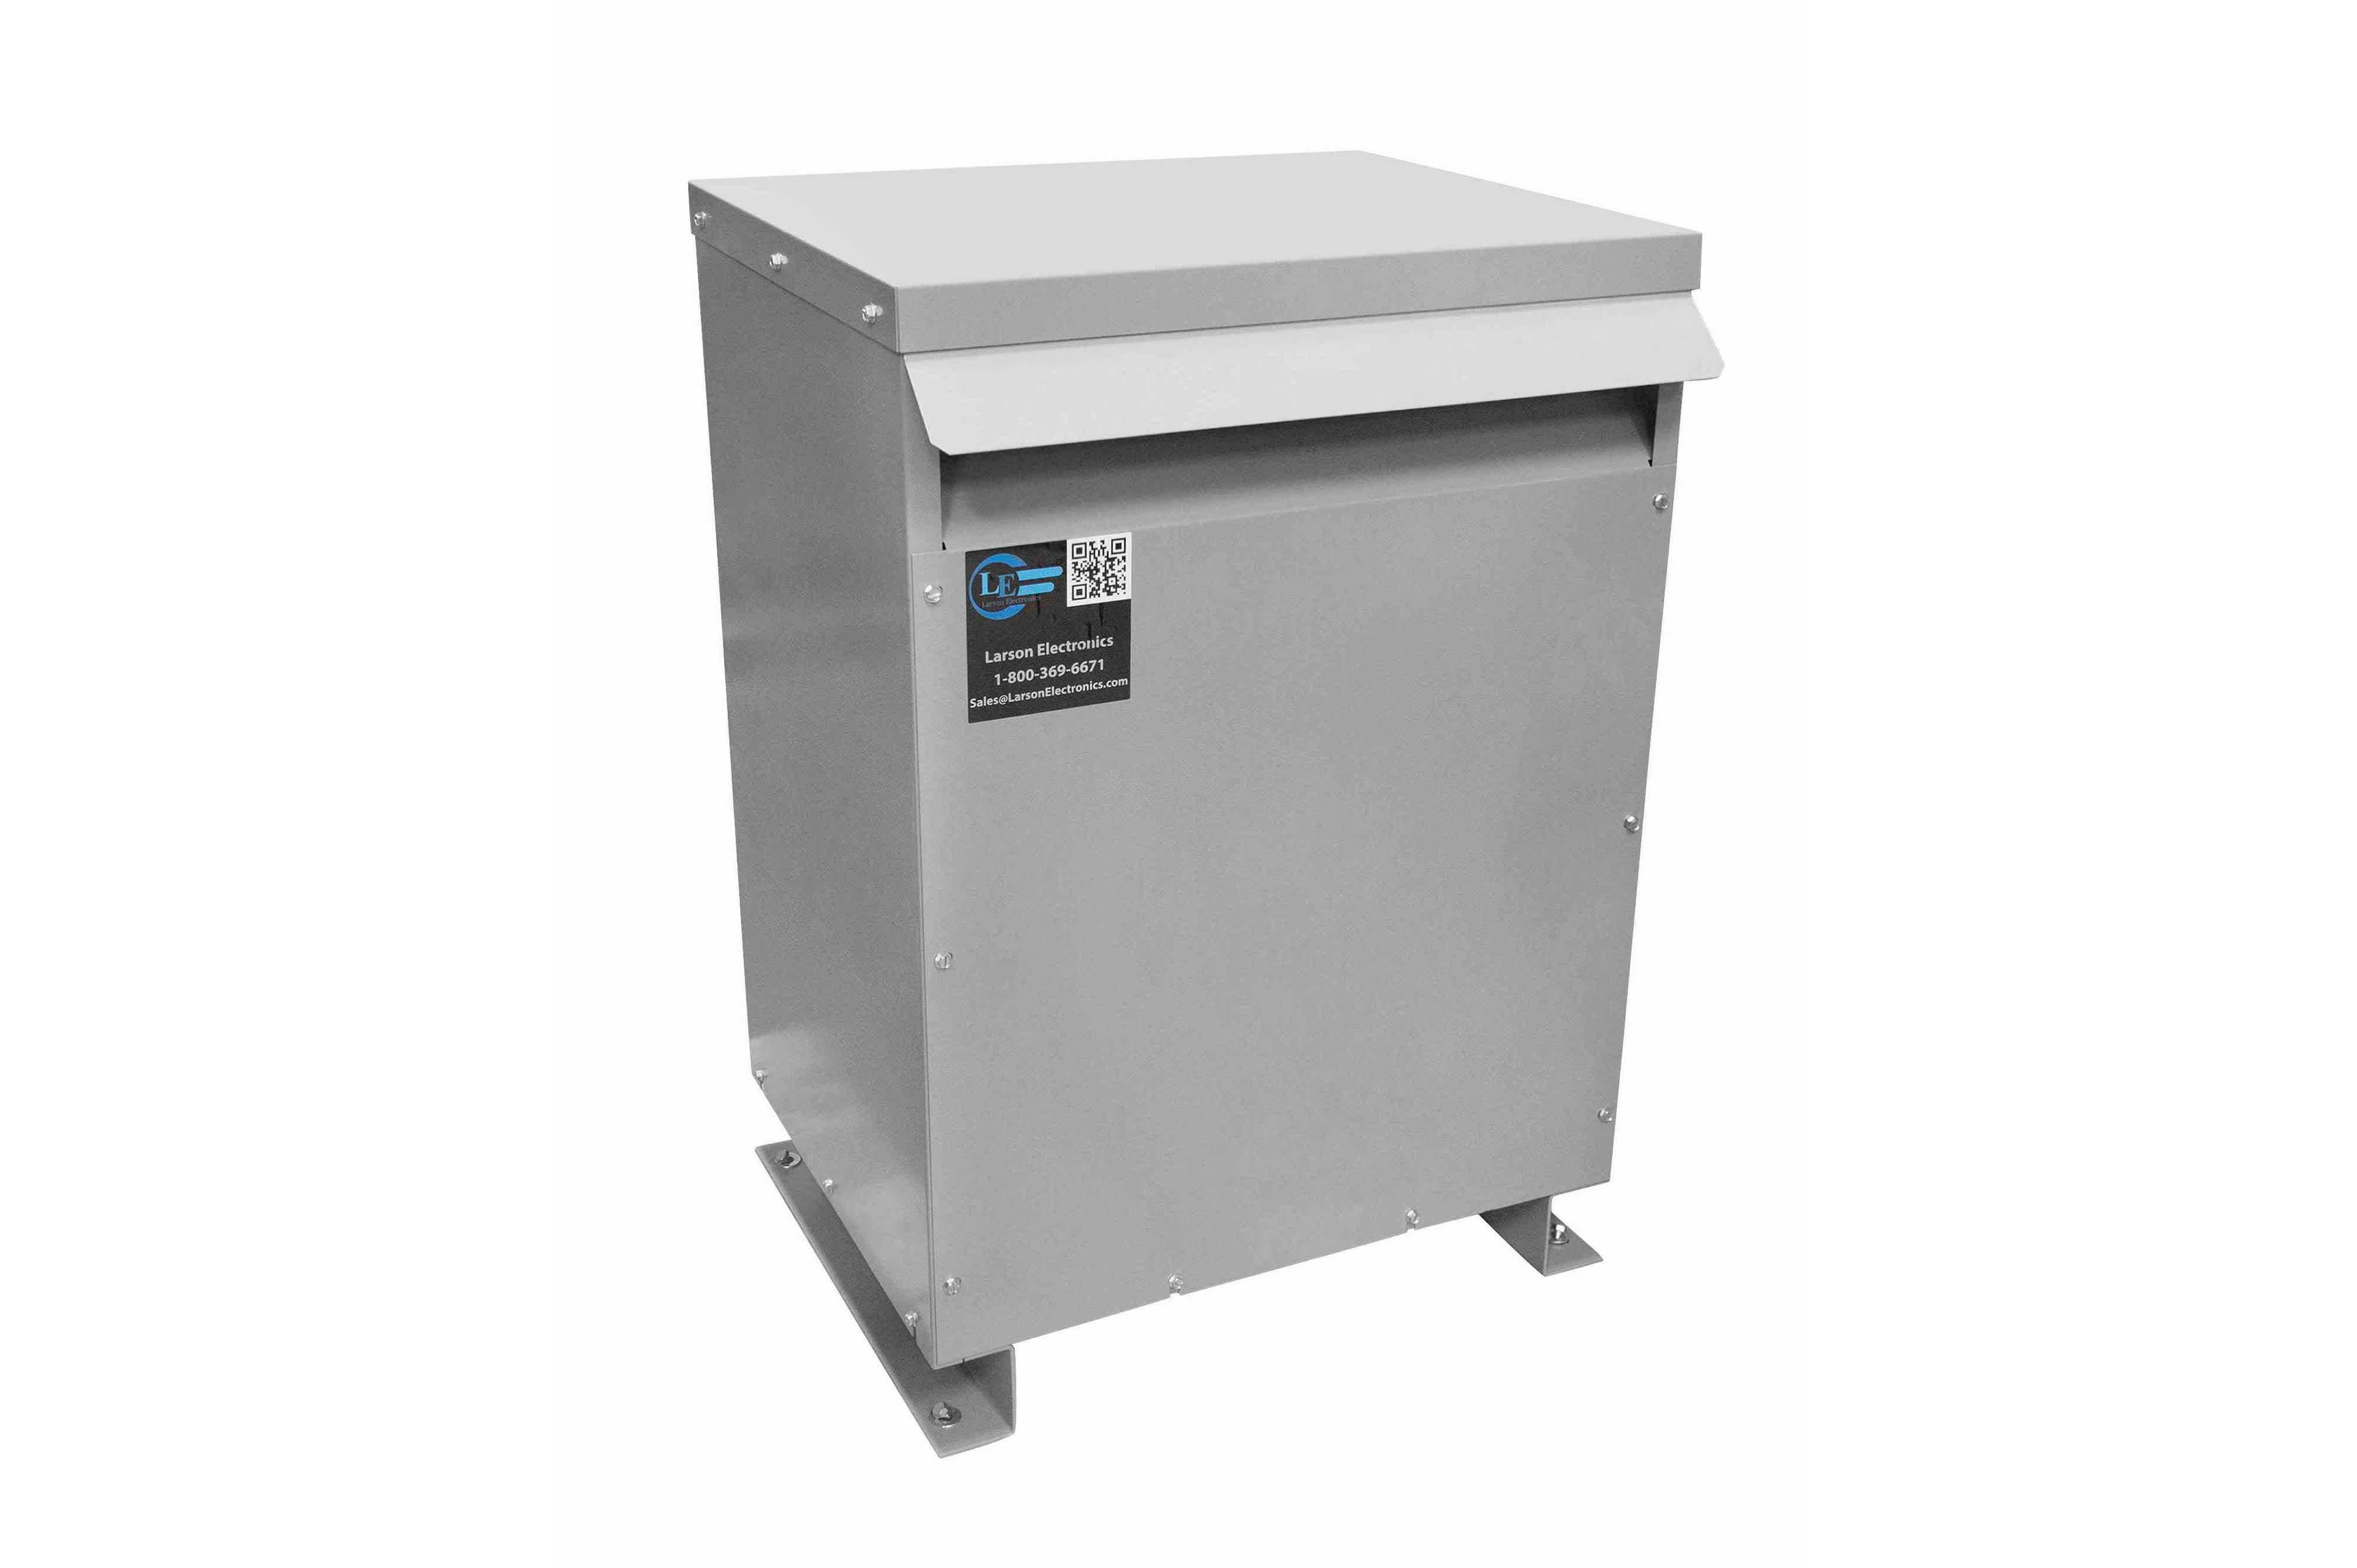 13 kVA 3PH Isolation Transformer, 600V Delta Primary, 380V Delta Secondary, N3R, Ventilated, 60 Hz